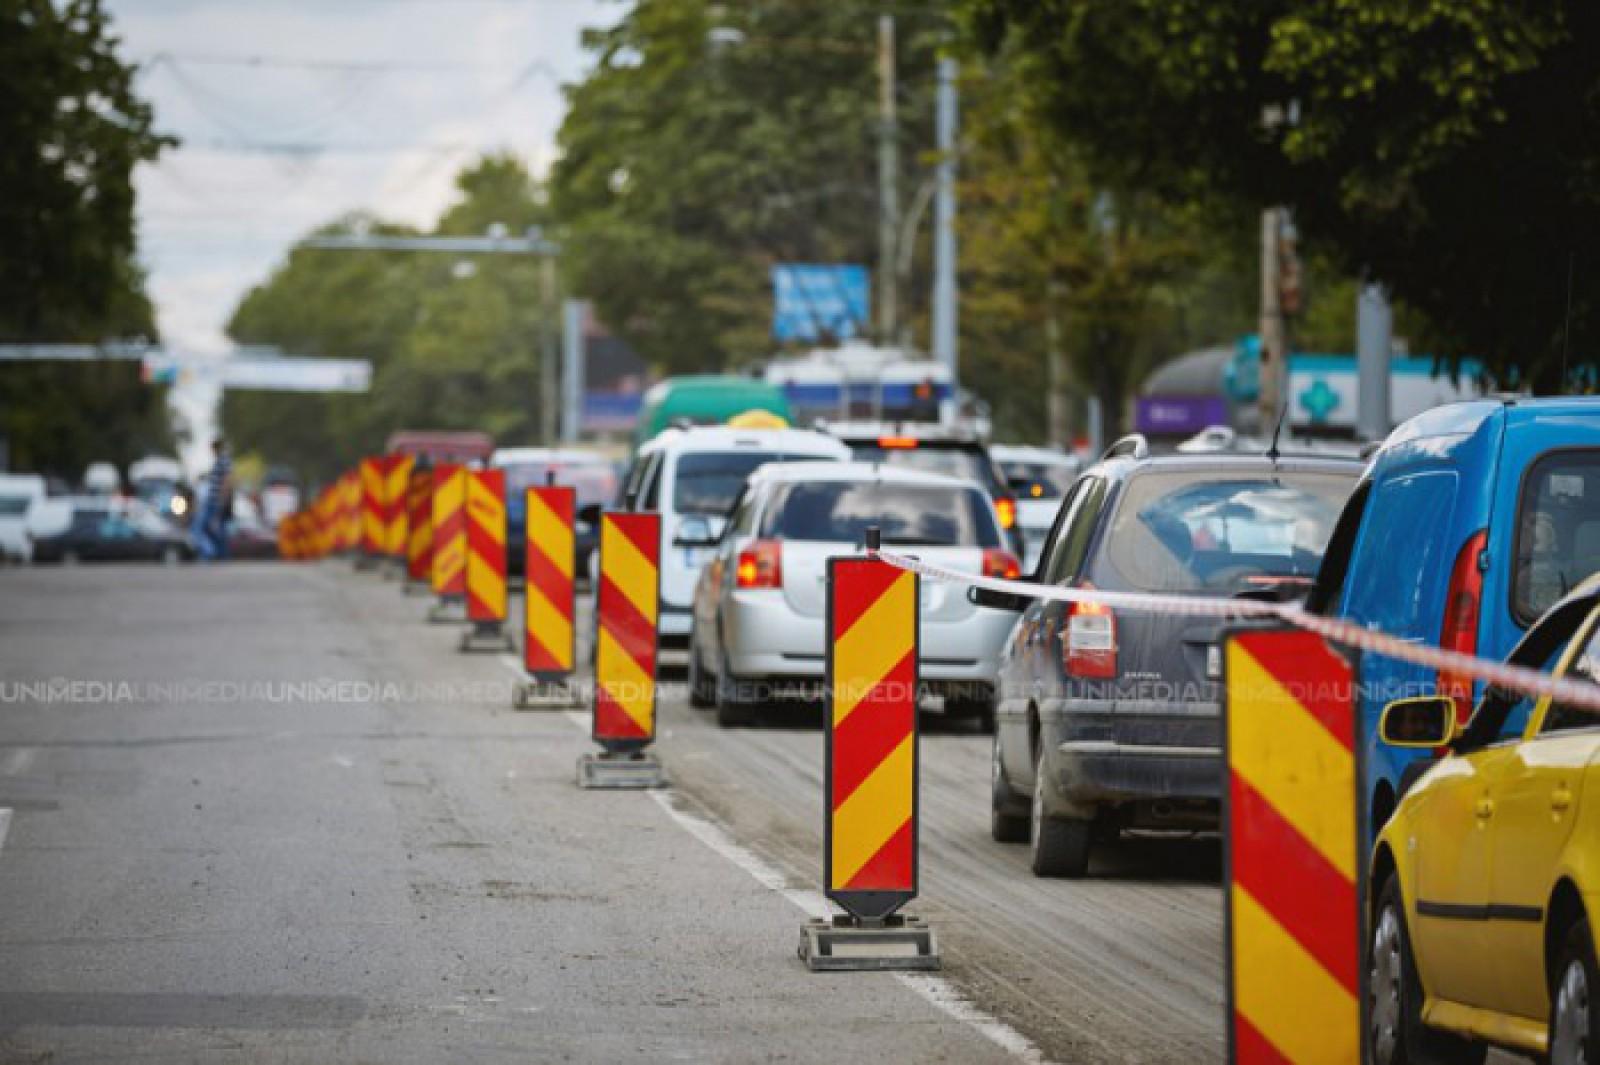 Trafic rutier suspendat pe mai multe străzi din capitală, în legătură cu lucrările de reparație. Adresele vizate